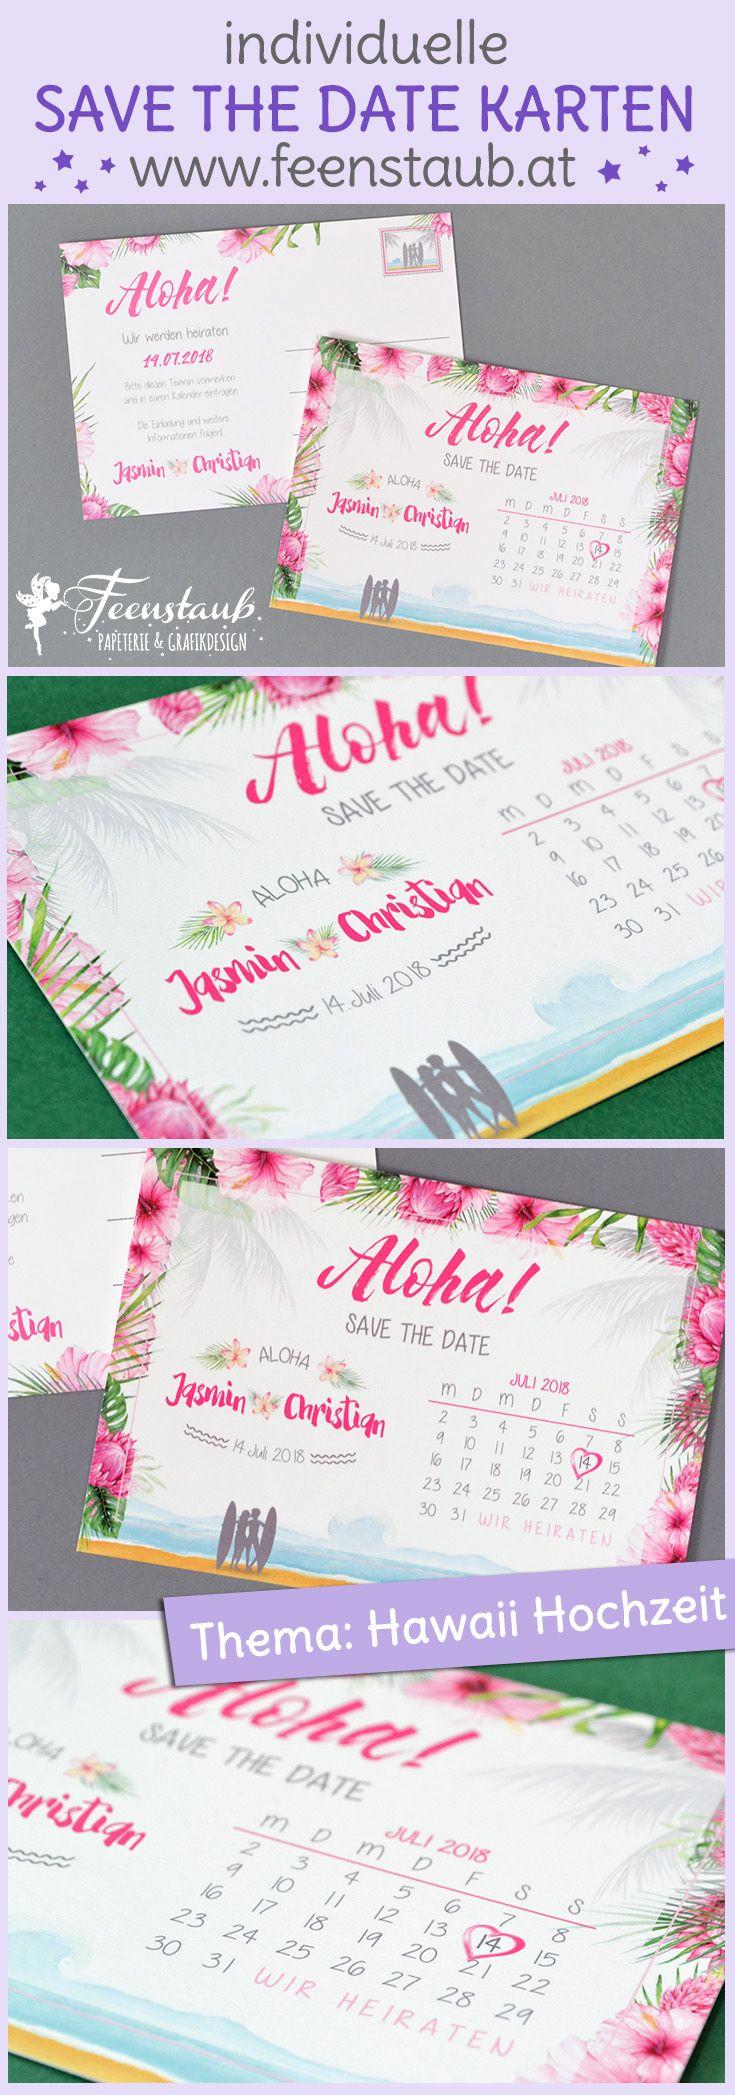 Save the Date Karte für eine Hawaii Hochzeit. Wenn der Antrag und auch das Lieblingsreiseziel auf Hawaii ist - dann ist klar, dass das eine Hawaiihochzeit wird - Aloha!